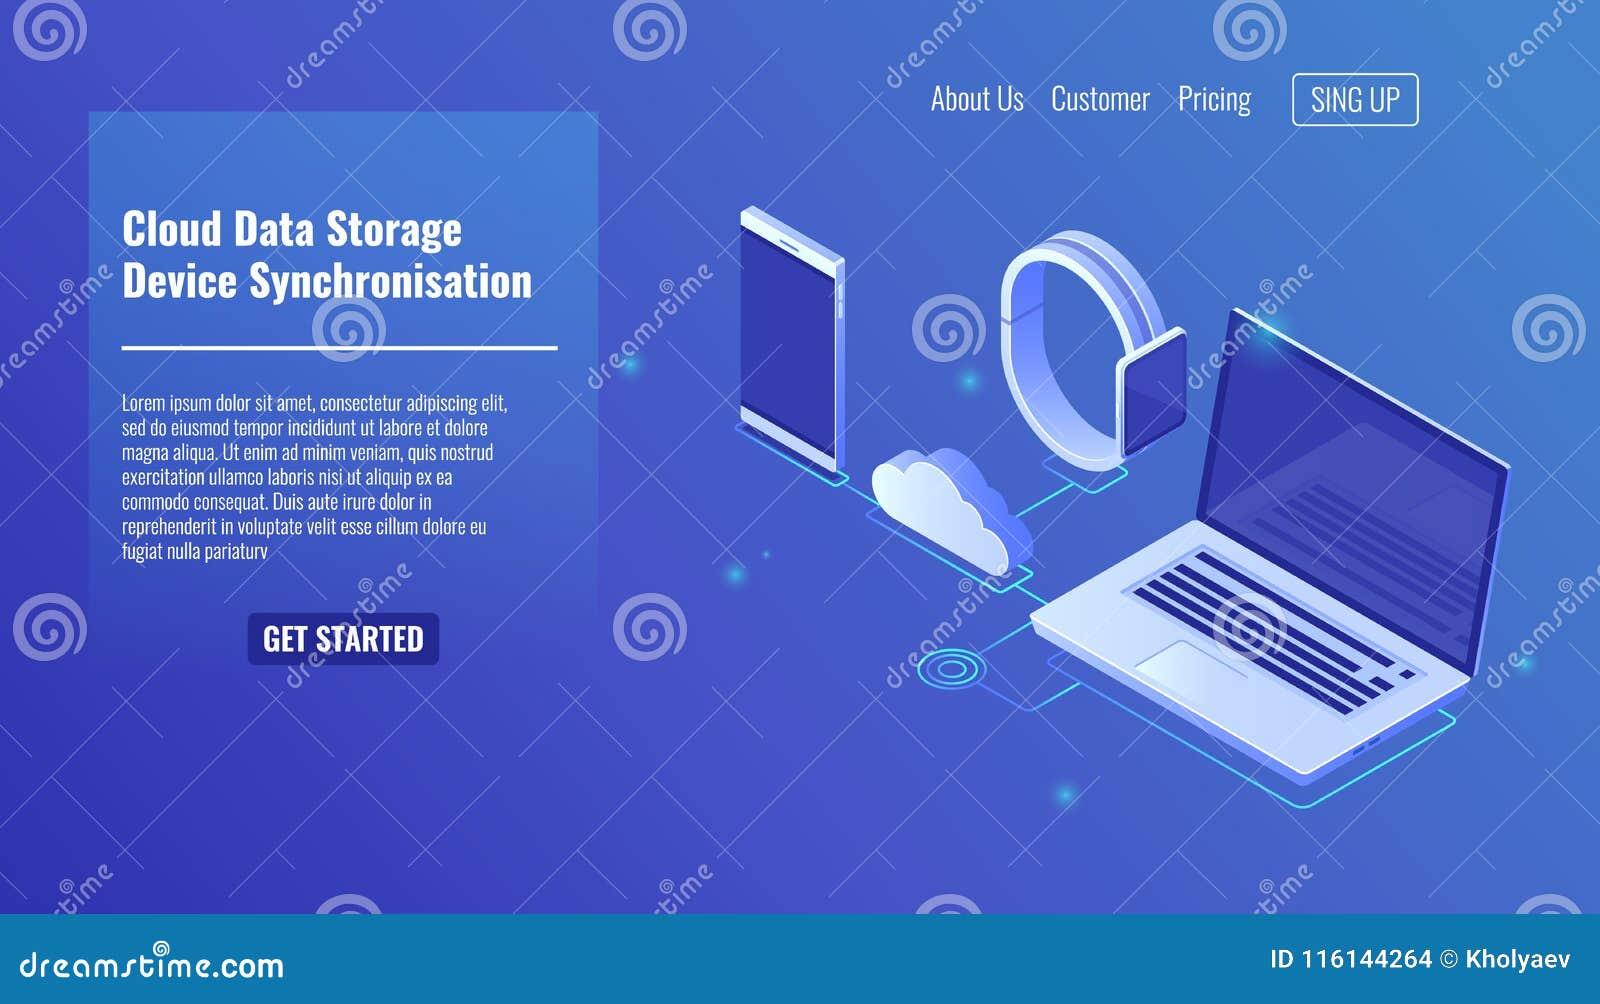 覆盖数据服务器存贮,电子设备数据同步,手机智能手机, smartwatch,膝上型计算机